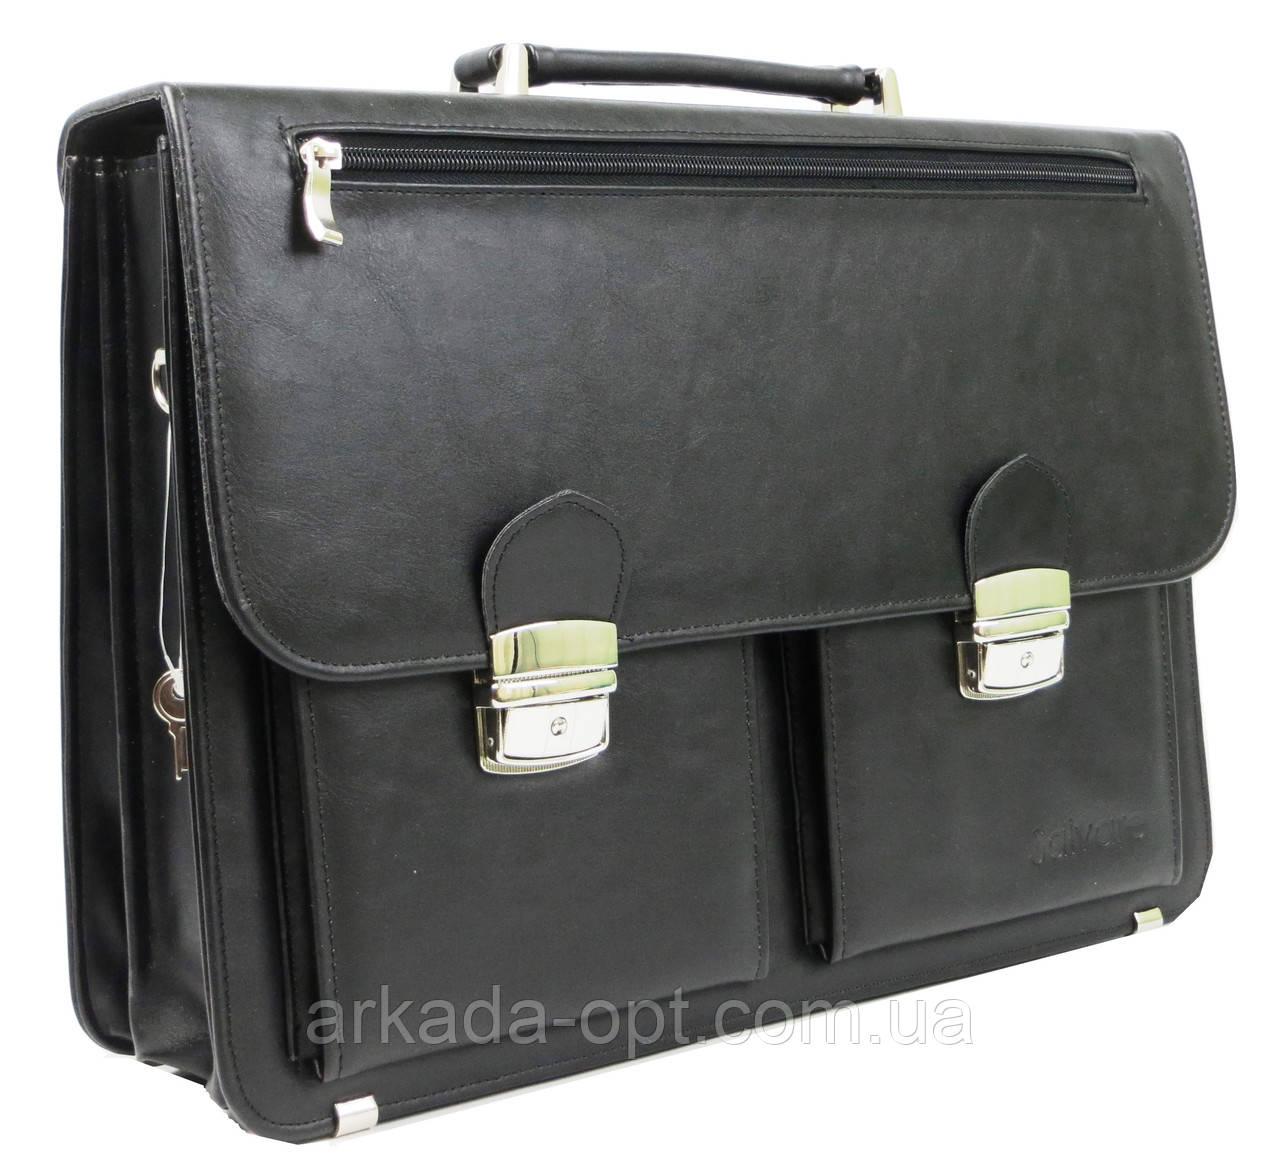 Деловой портфель из искусственной кожи Salvare Чёрный (N01A1 black)